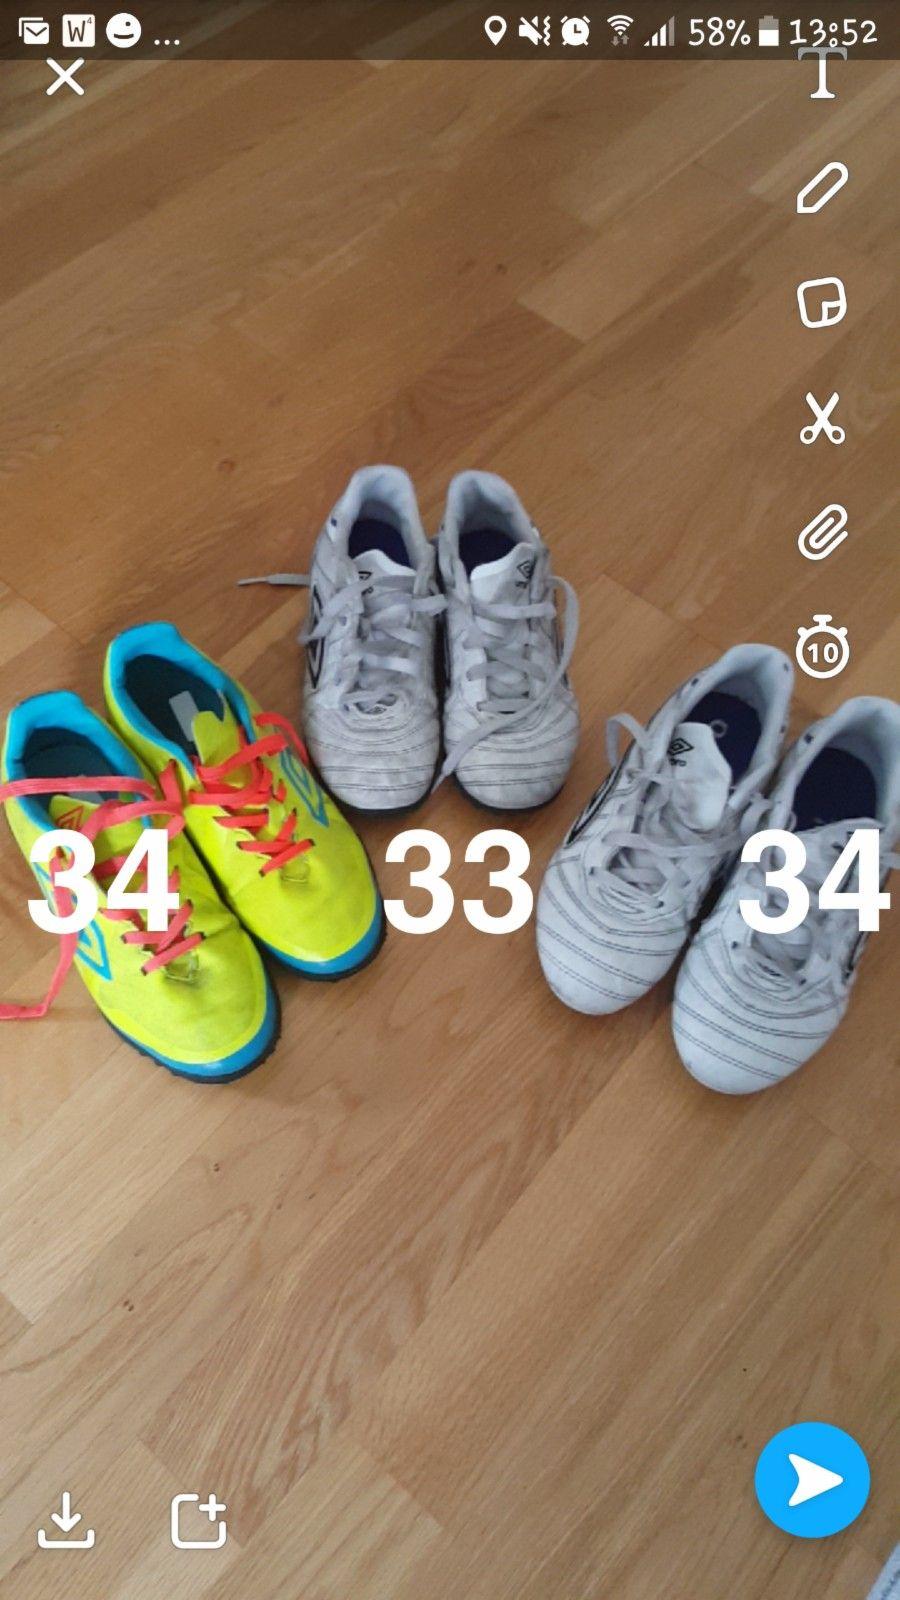 Umbro fotballsko str 33 og 34 - gutt - Kleppestø  - Umbro fotball sko til gutt. Pent brukt. Kr 50-, for paret. - Kleppestø